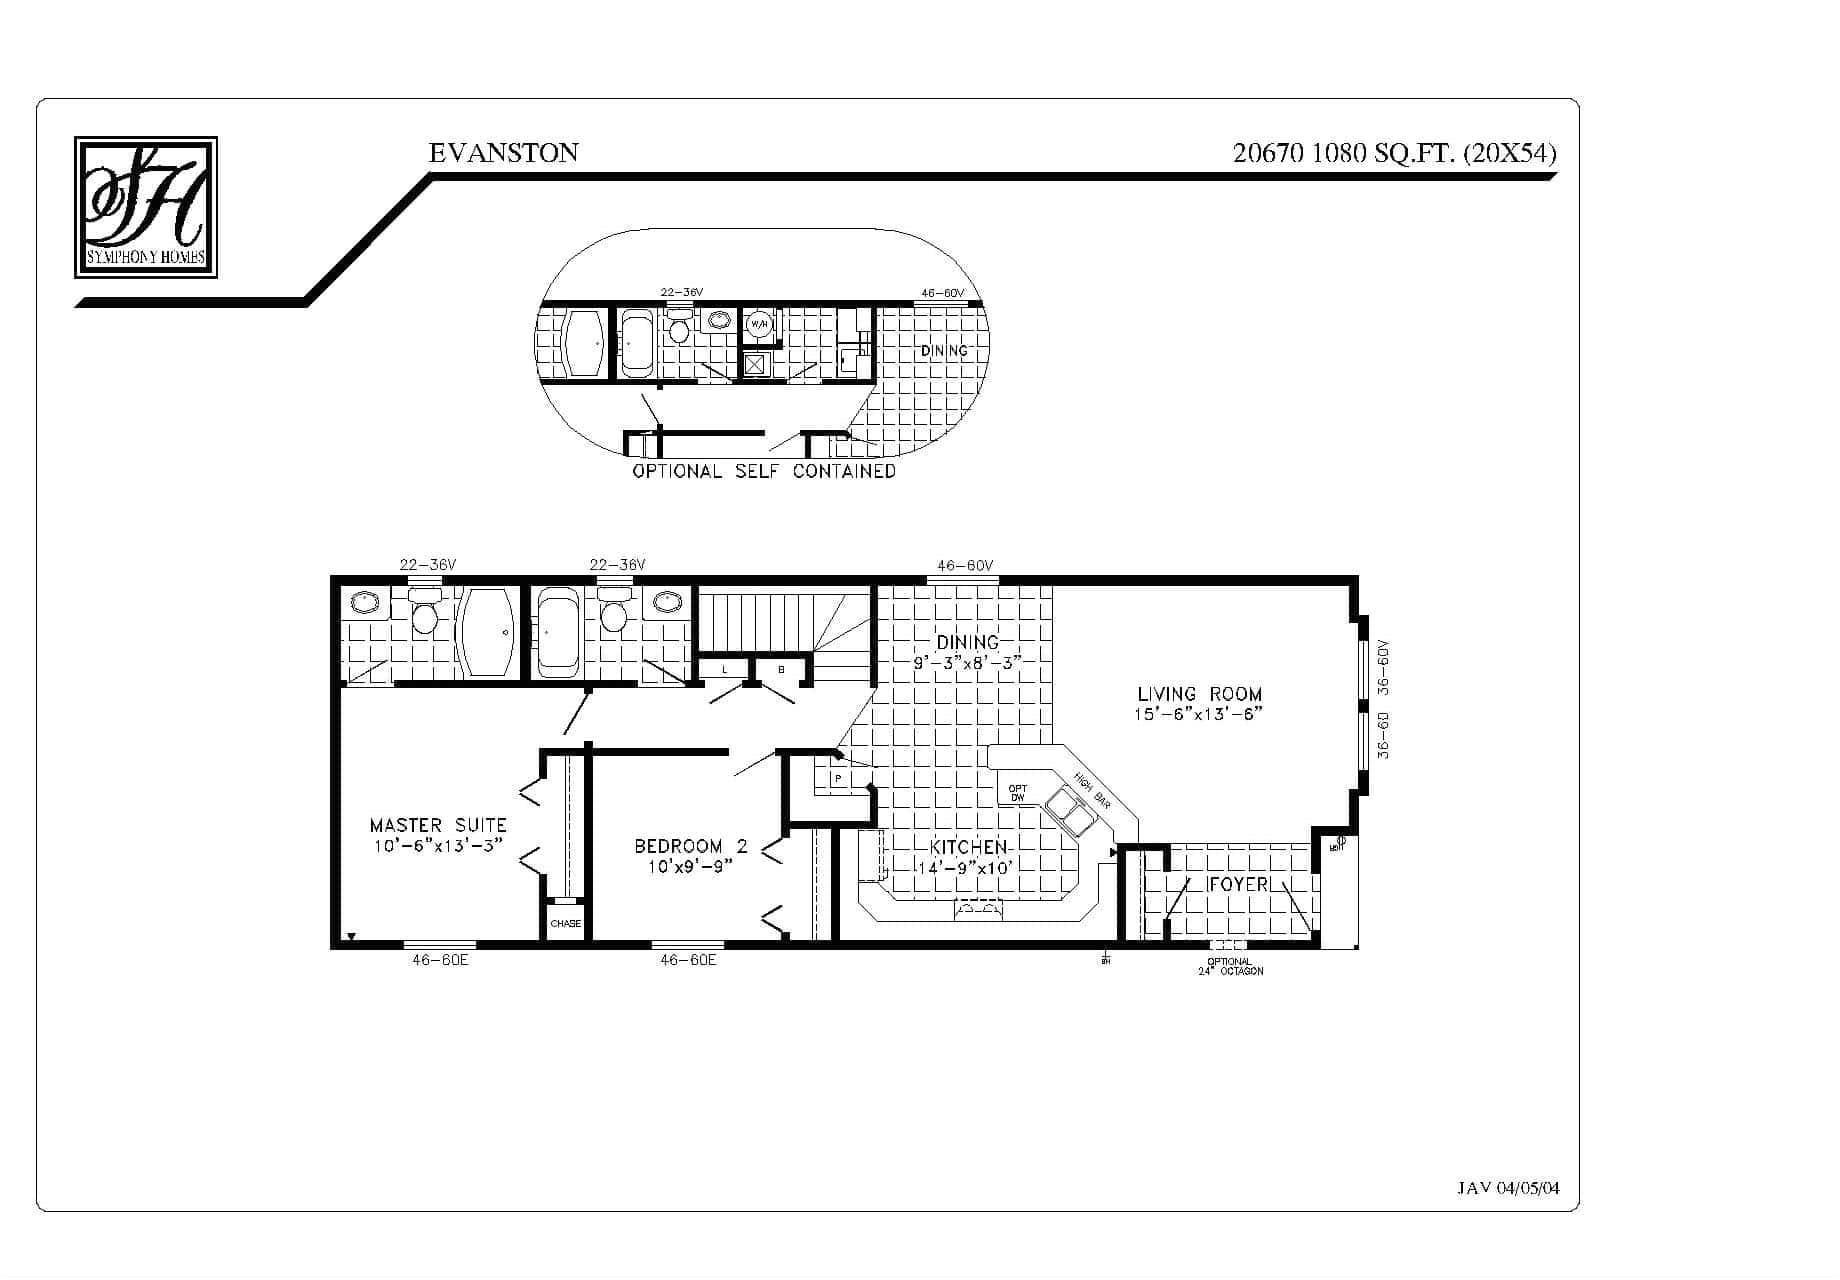 symphony homes octave home design utah floor plans i